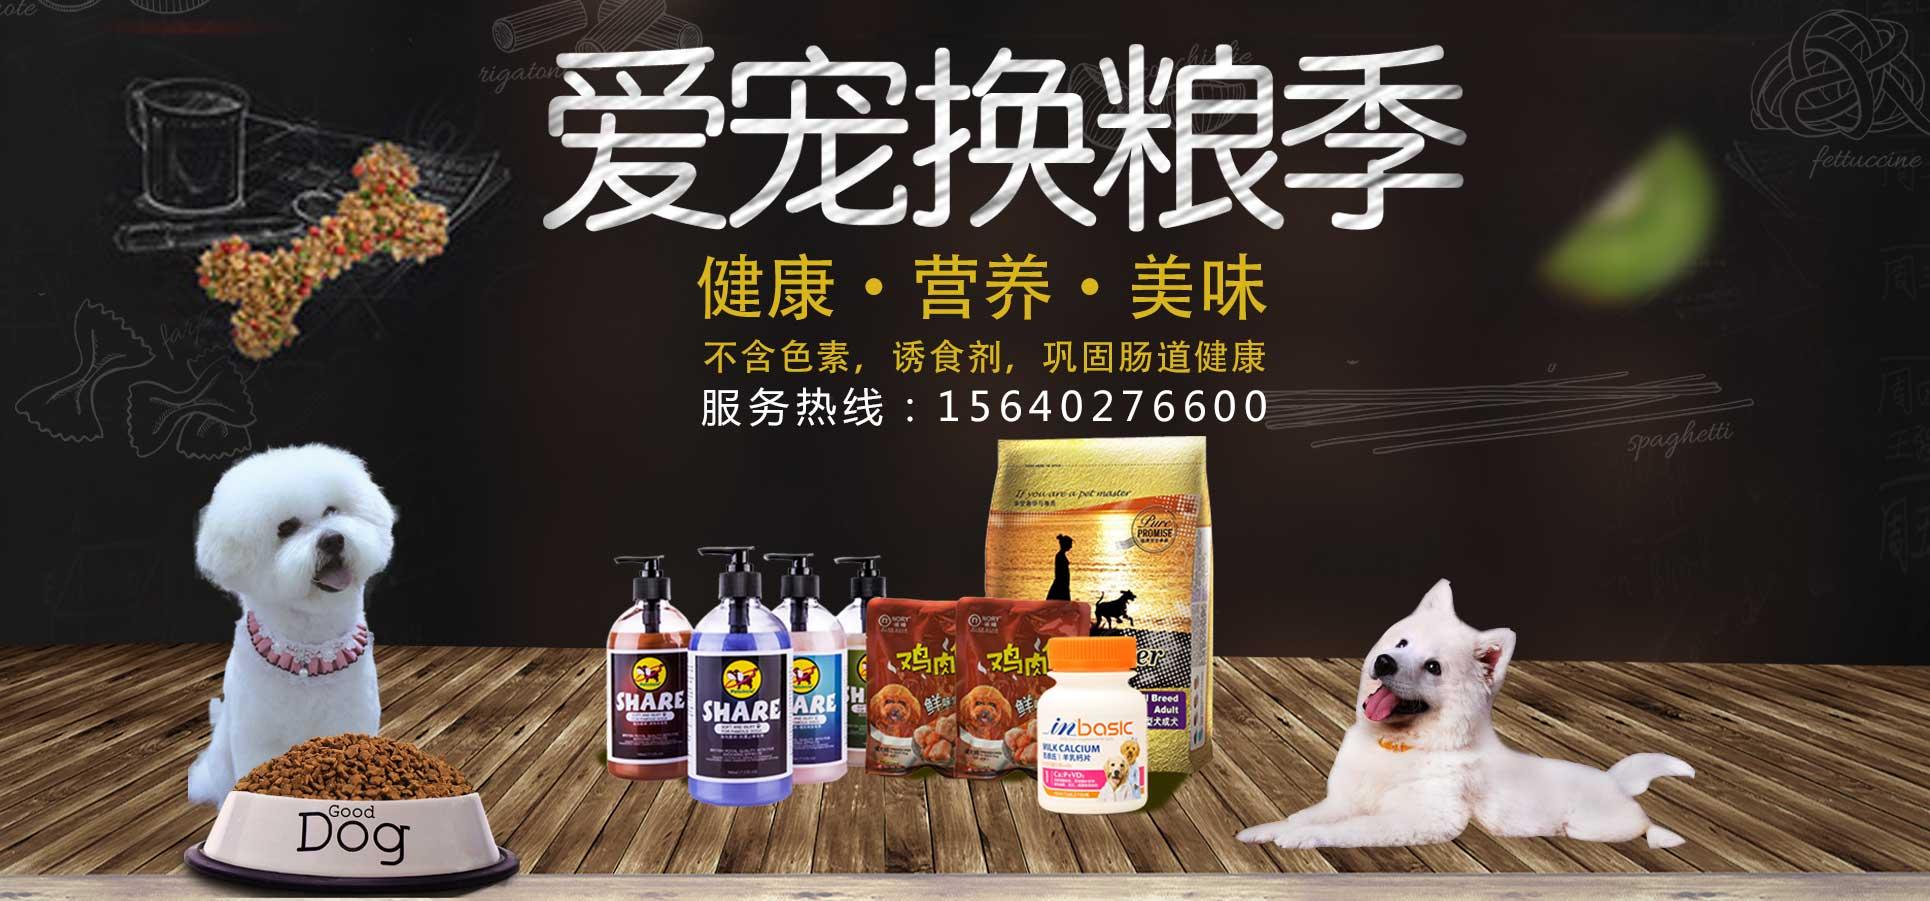 健康、美味、营养好吃的宠物食品。